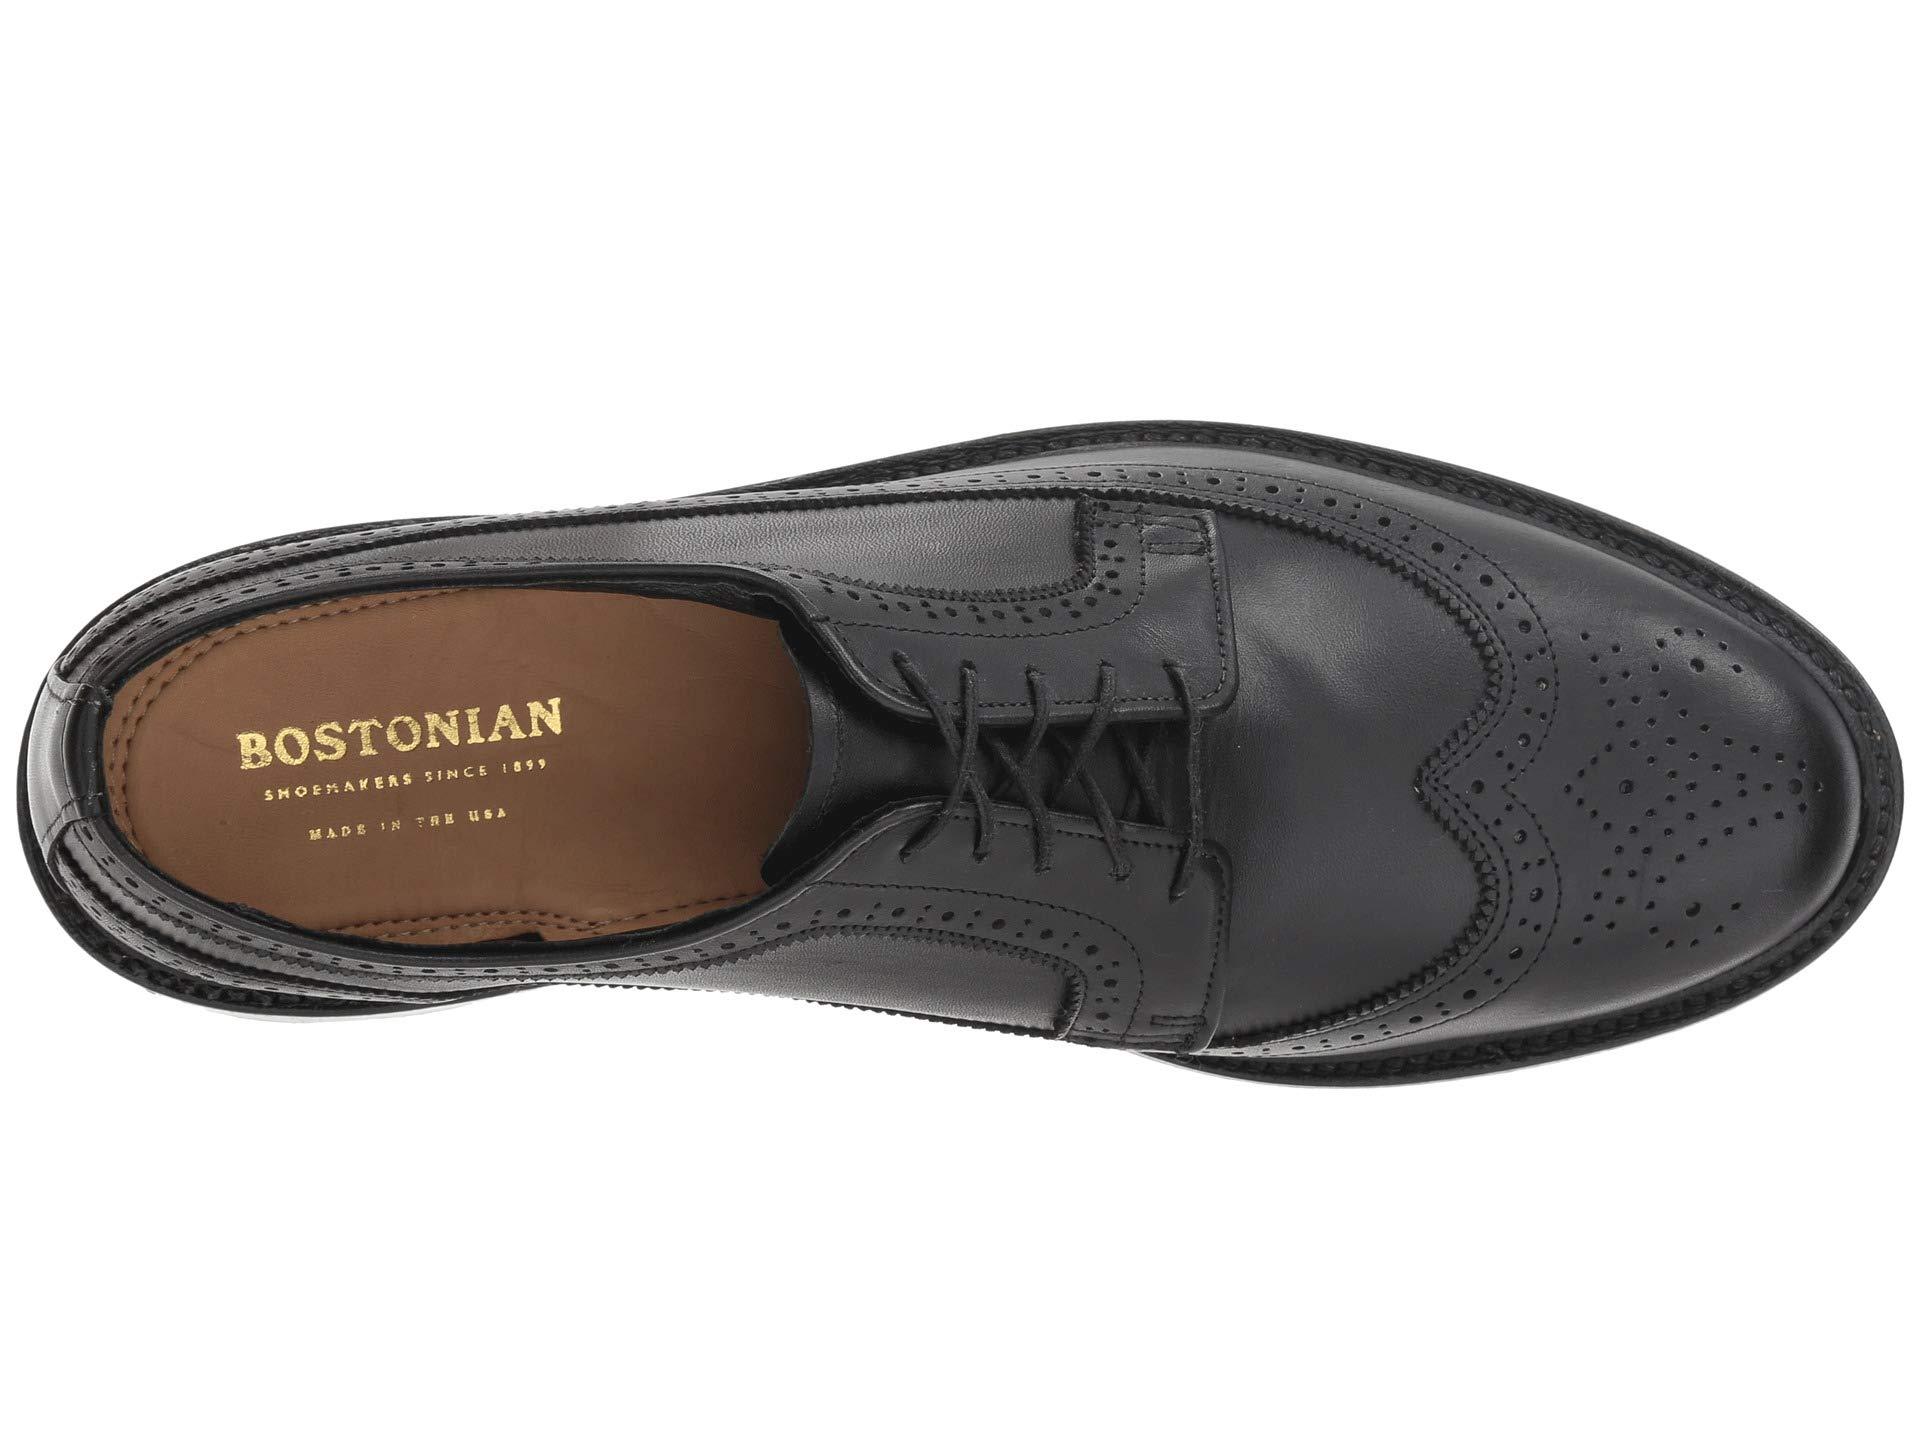 Longwing 16 Bostonian Black Bostonian No No q8Iw4vH